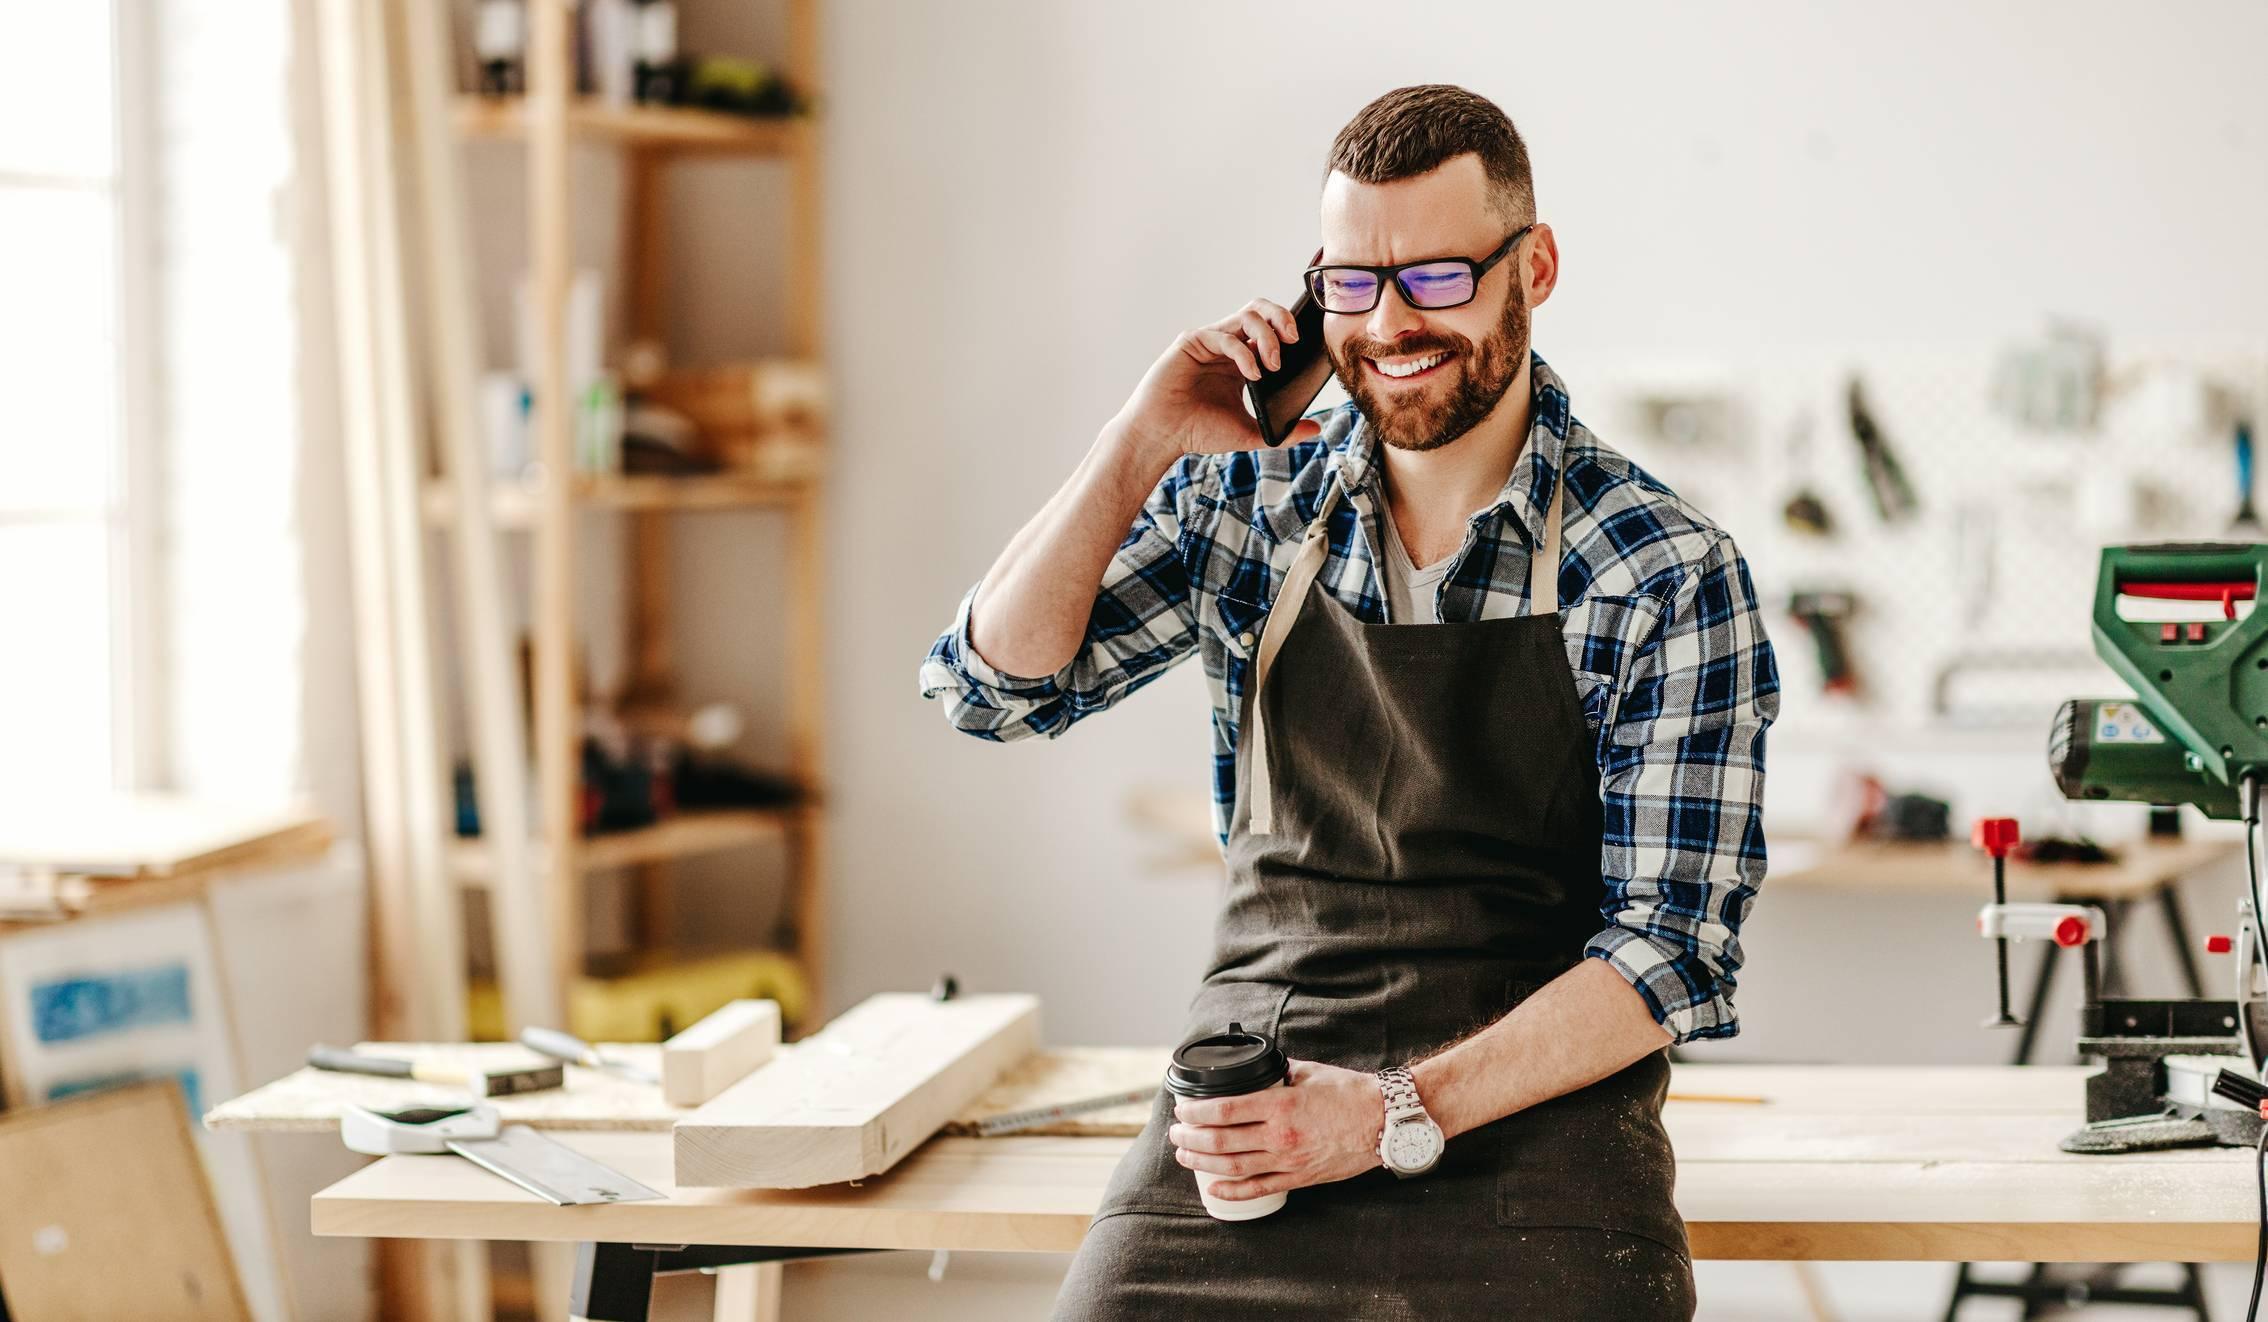 établi d'atelier professionnel pour artisan ébéniste